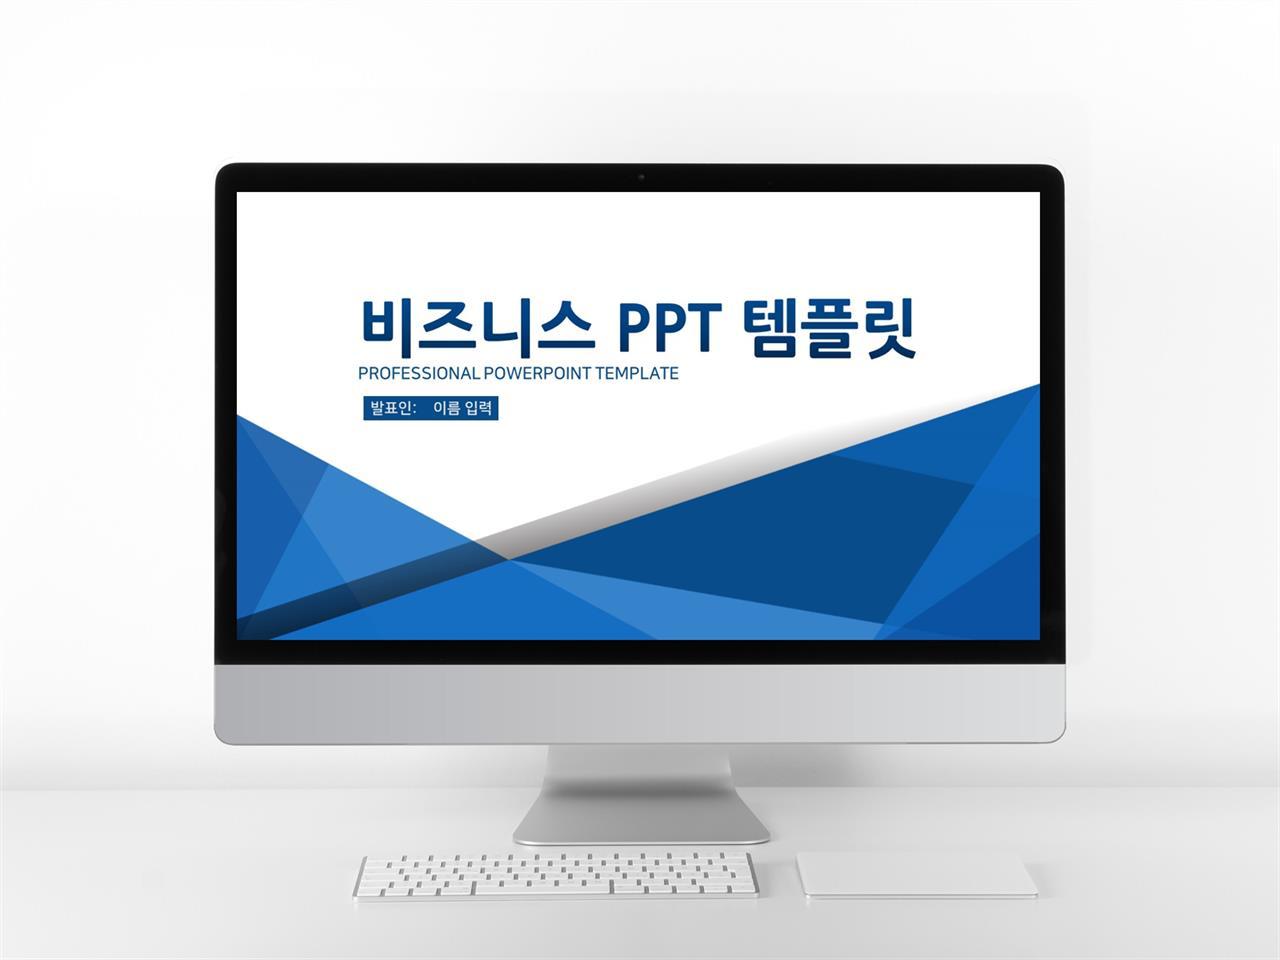 비즈니스 하늘색 심플한 고급형 PPT샘플 디자인 미리보기